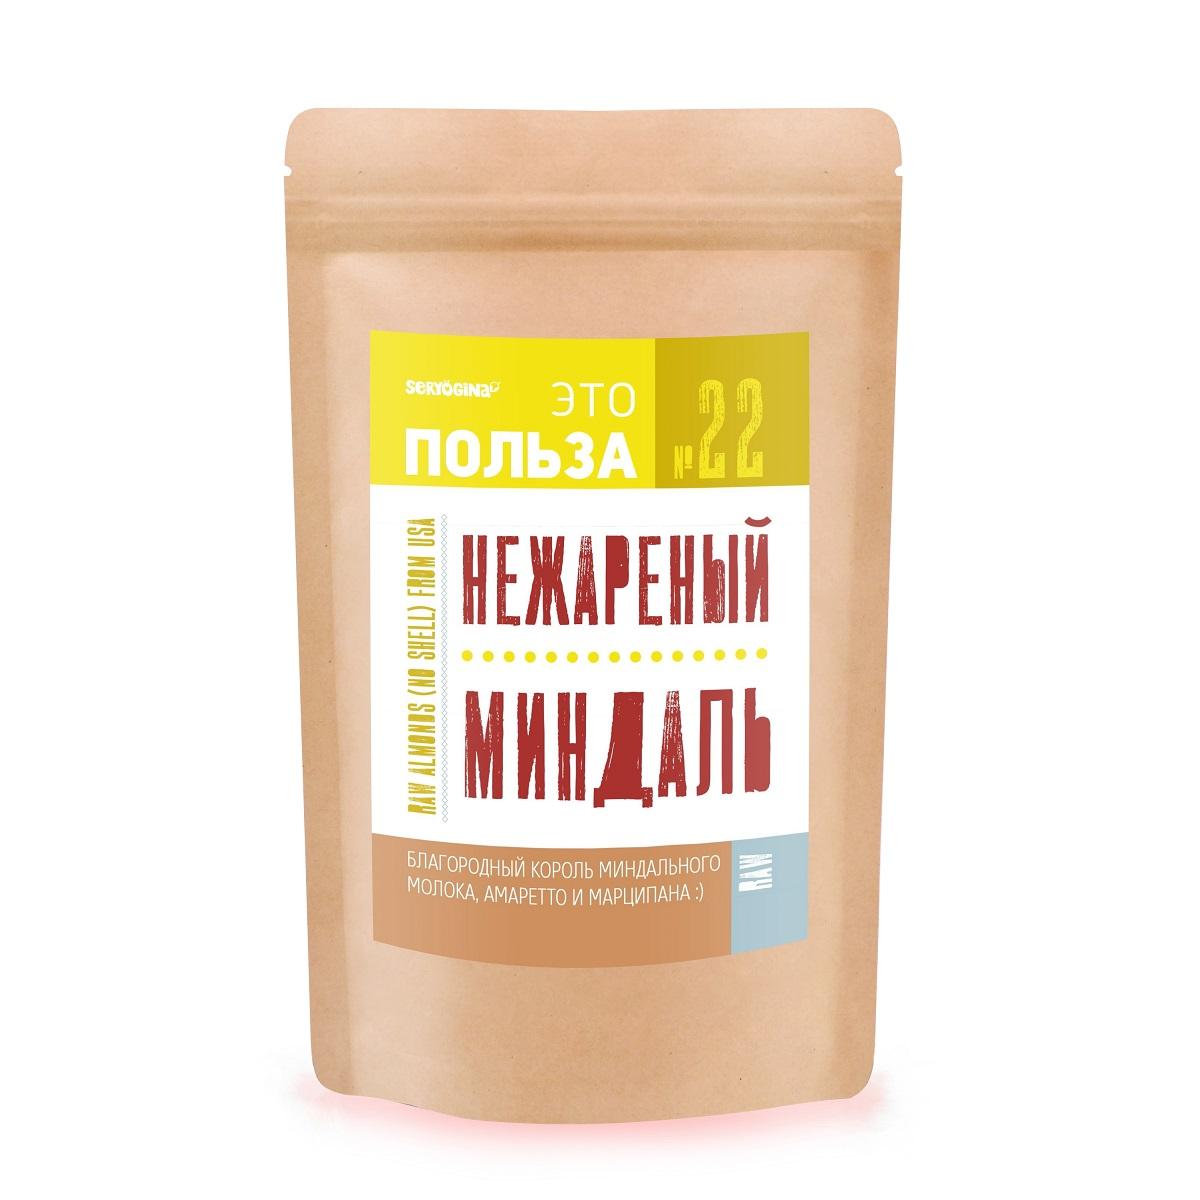 Seryogina Миндаль нежареный, 1500 г2197Сладкий вкусный миндаль. Идеален для приготовления десертов и сладостей. 40% дневной нормы кальция и магния, богат витаминами групп В и Е, белком, железом, цинком, фосфора в нем больше, чем в других орехах.